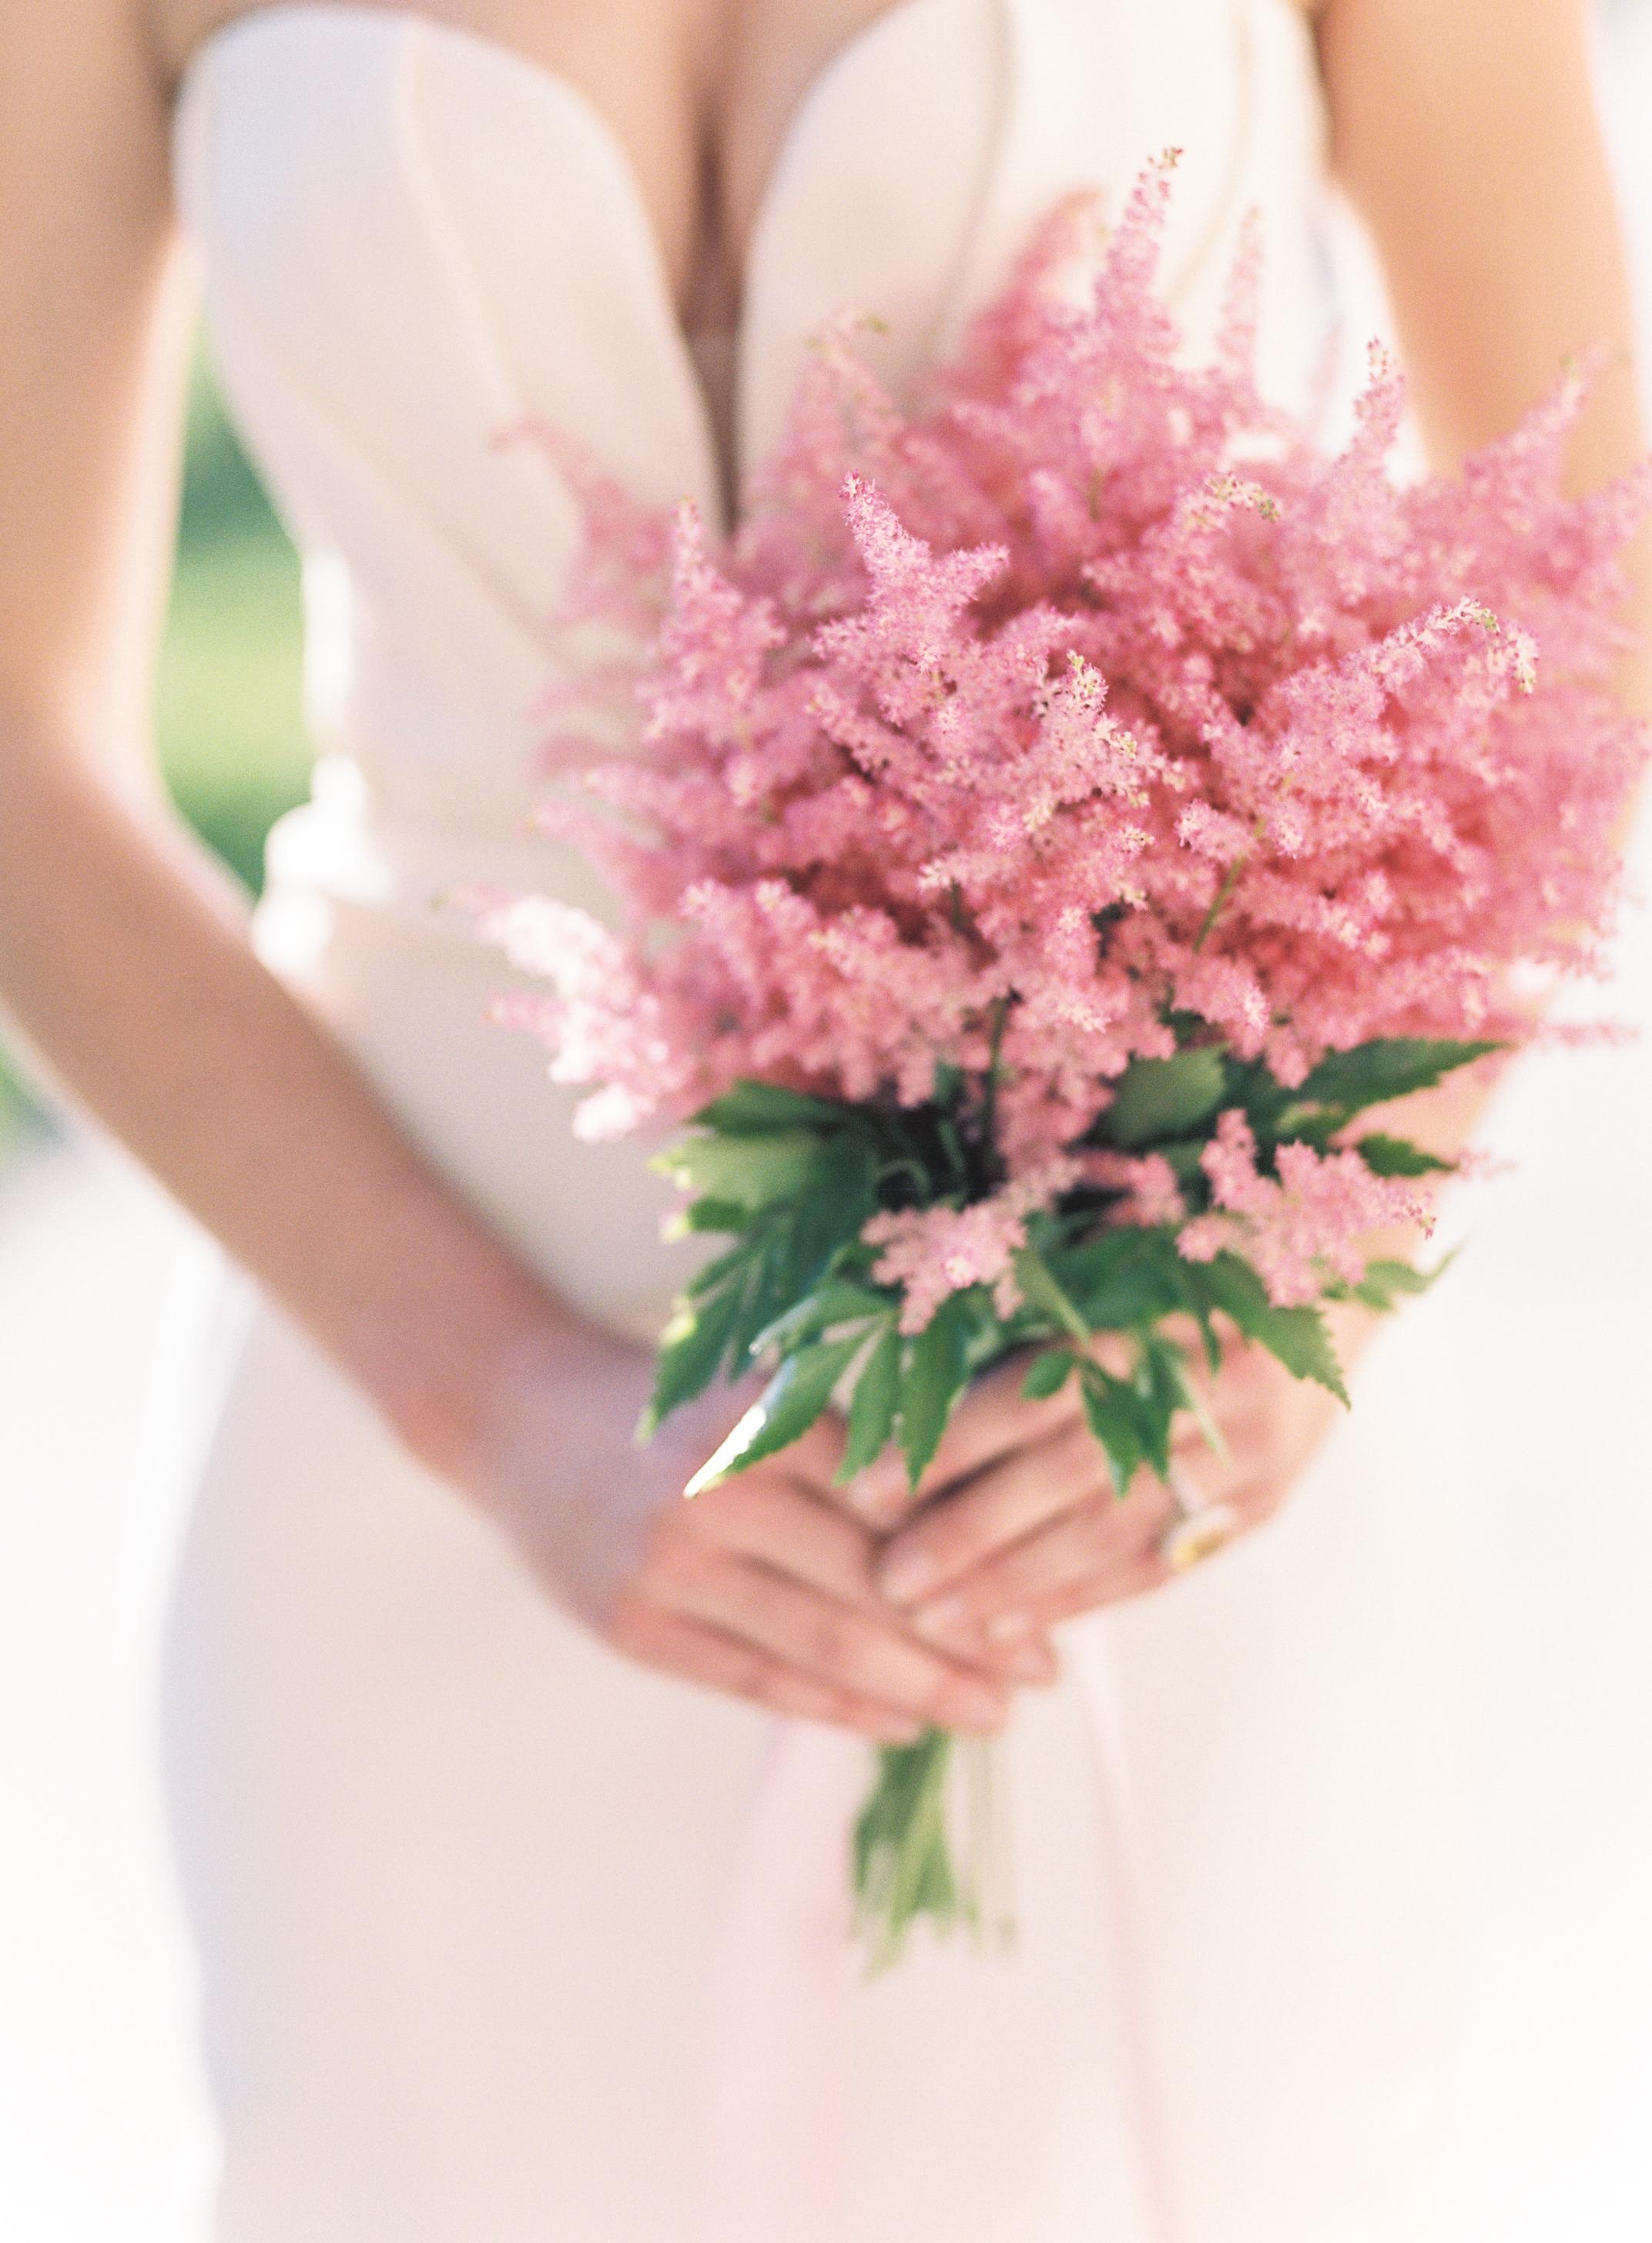 Coohills-Denver-wedding-venue-Lisa-O'Dwyer-photographer-Banks-and-Leaf-planner-JMendel-dress-68.jpg